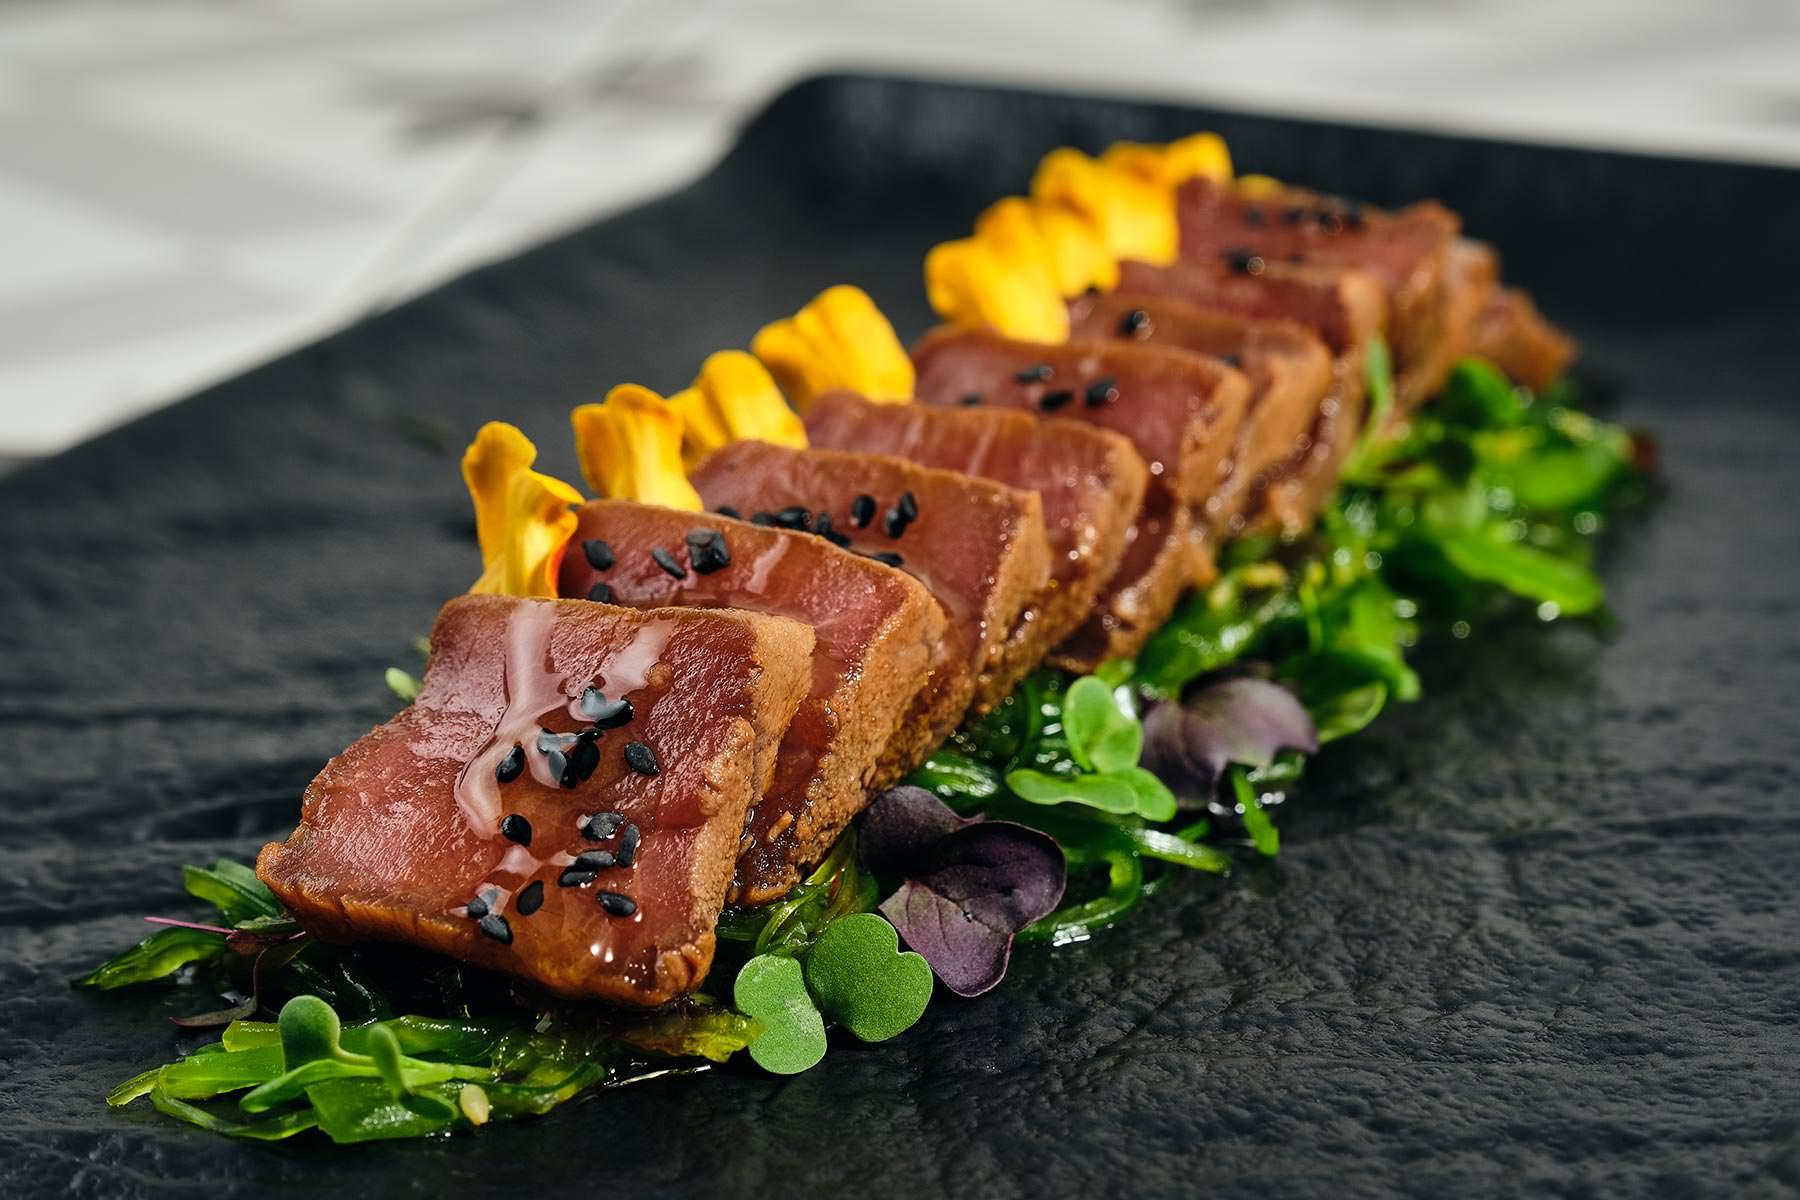 fotografia_gastronomica_granada_03 Fotografía Gastrómica - Restaurante Carmen el Agua Gastronómica